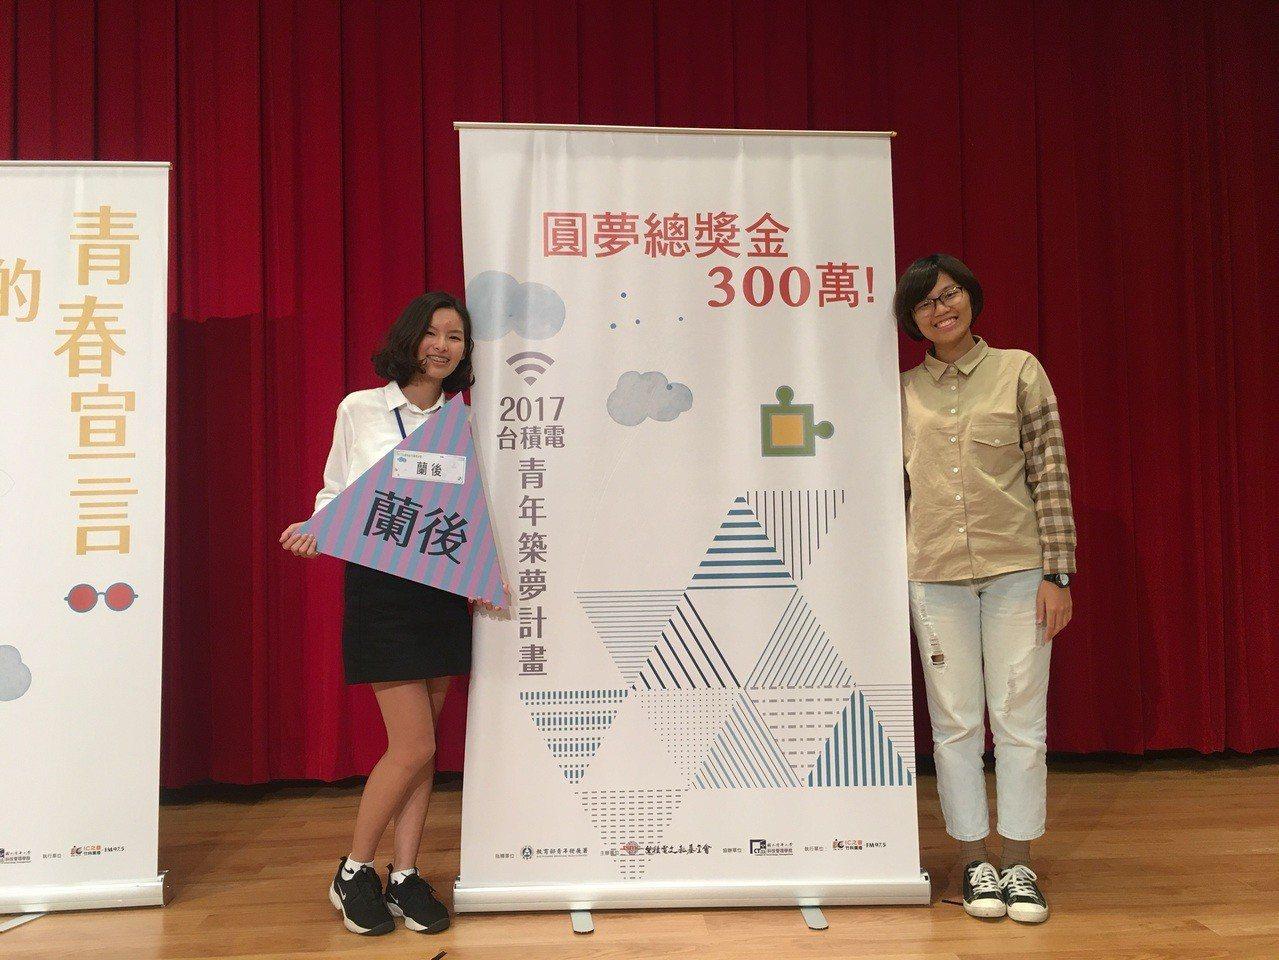 台積電文教基金會主辦的「2017台積電青年築夢計畫」,獲得圓夢獎金補助的團隊「蘭...